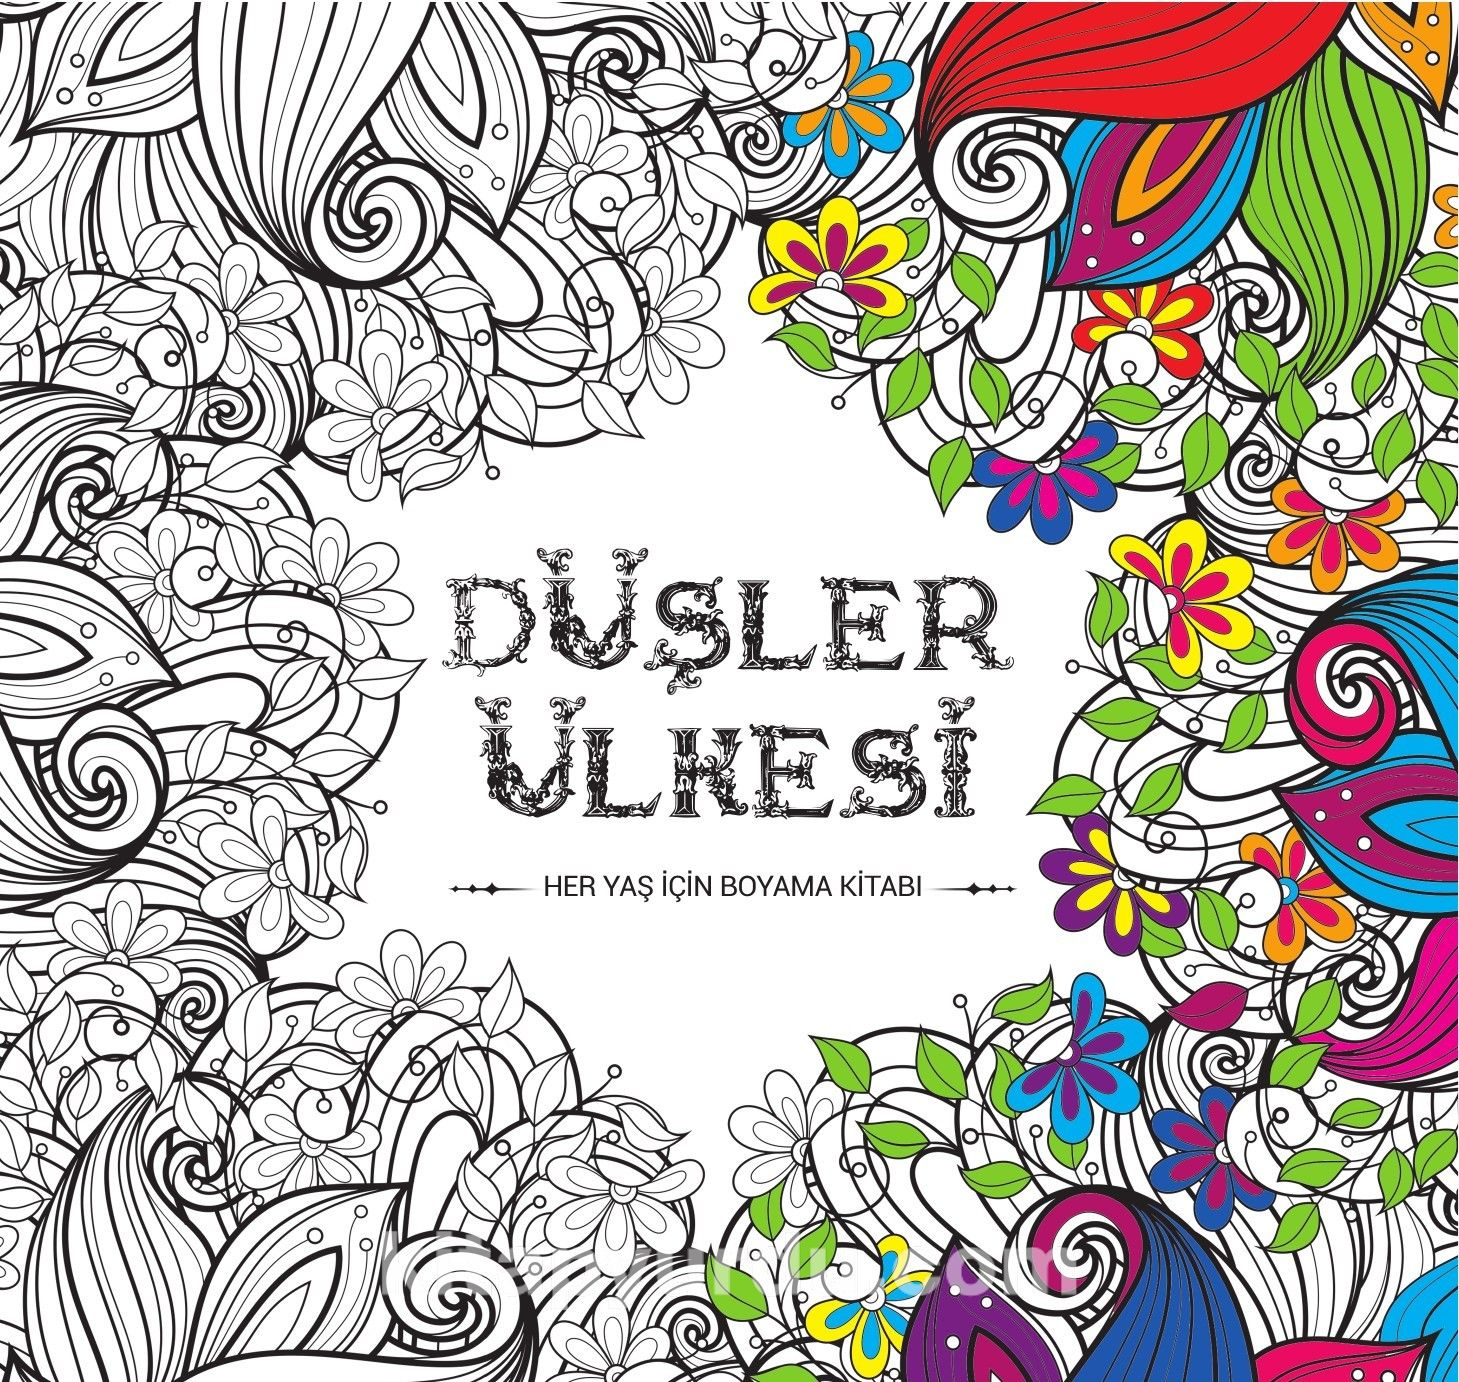 Dusler Ulkesi Her Yas Icin Boyama Kitabi Mehmet Bozkurt